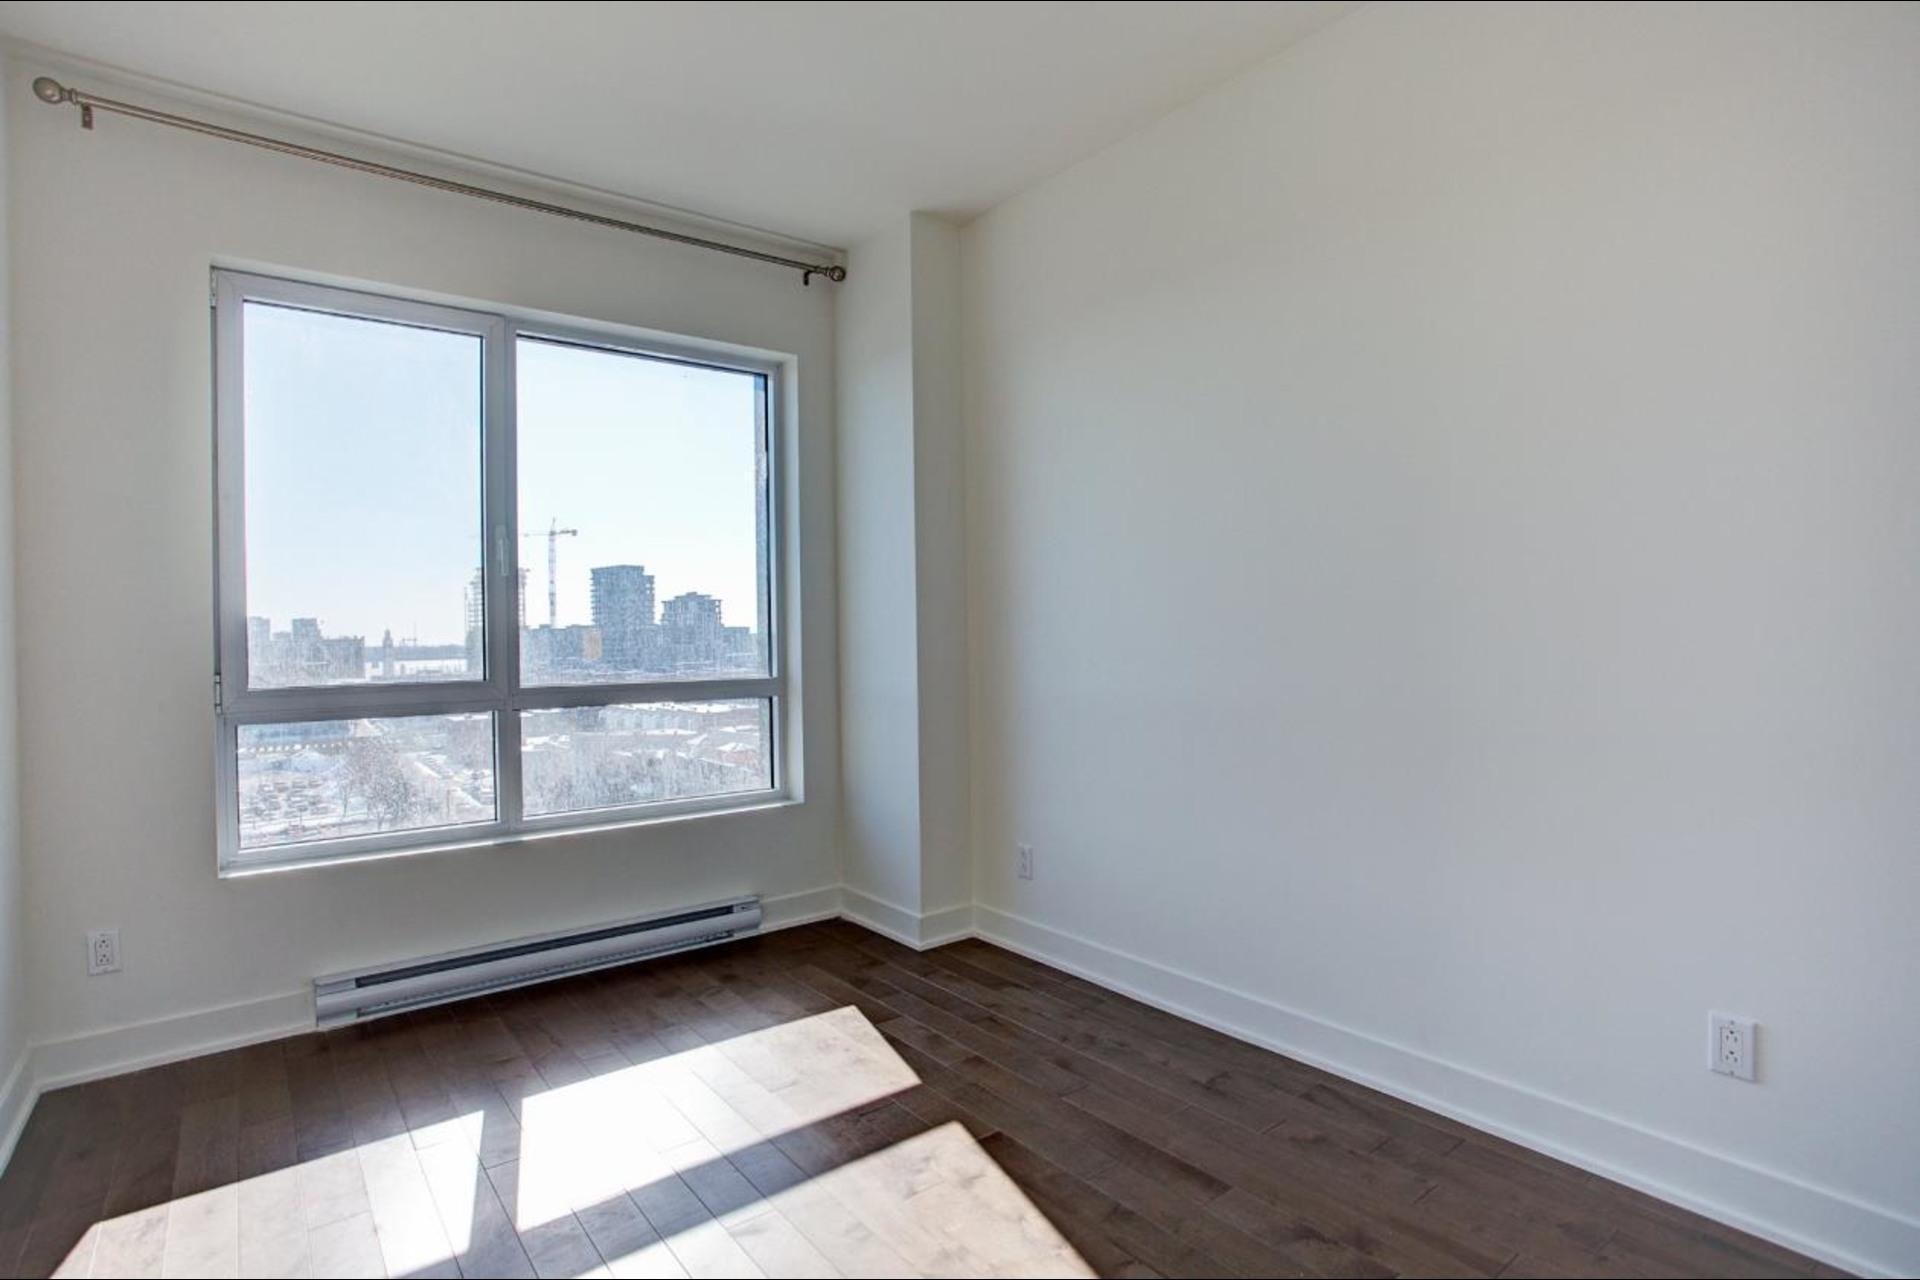 image 3 - Condo For sale Montréal - 3 rooms